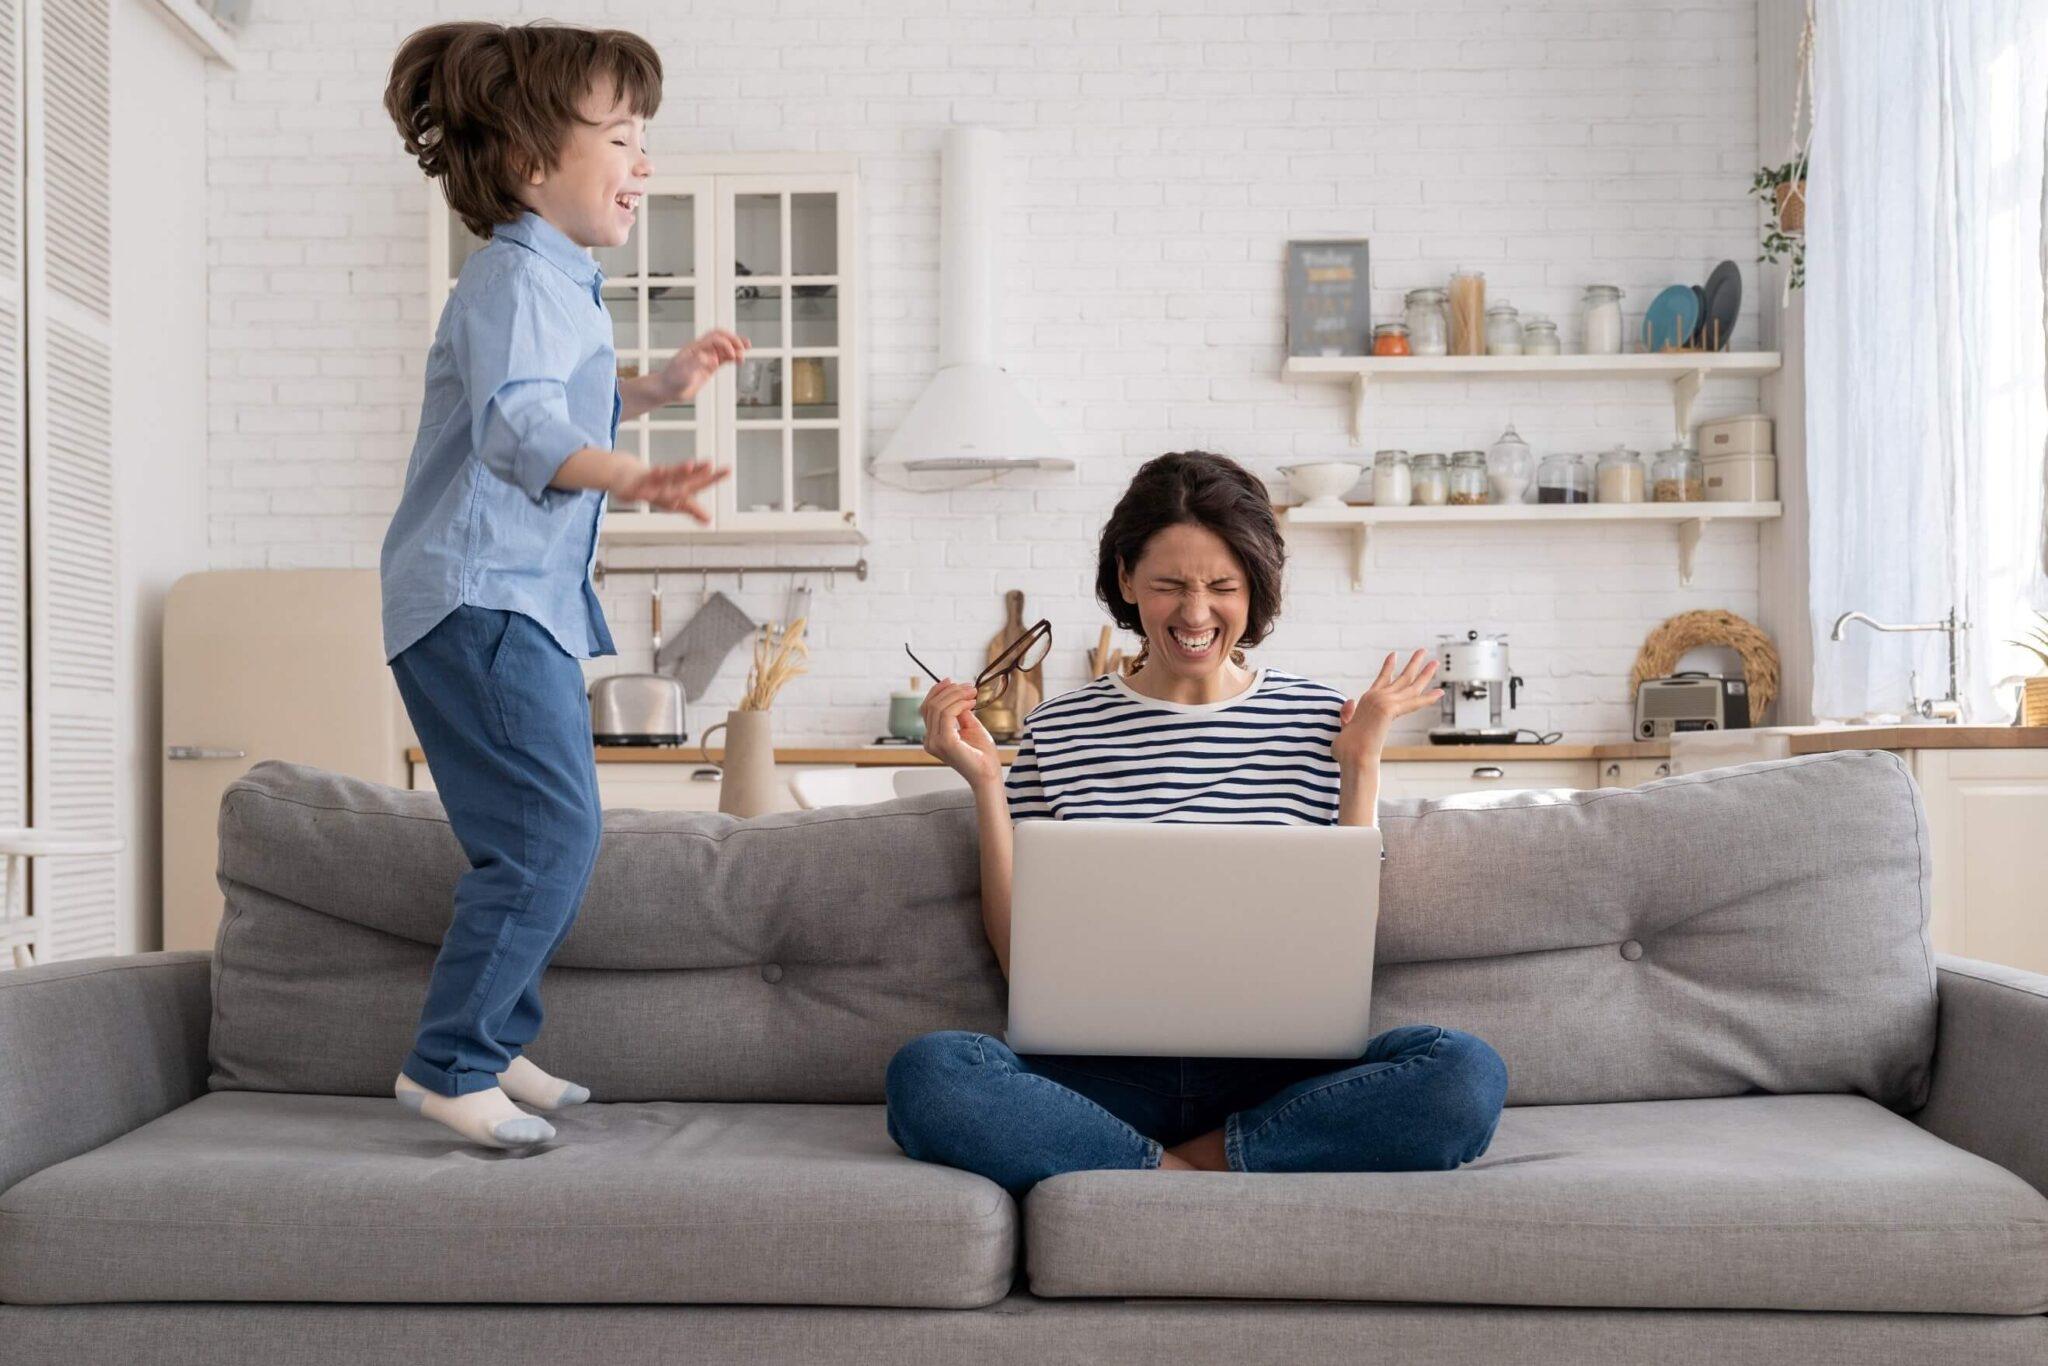 diagnóstico de hiperatividade infantil - criança pulando no sofá